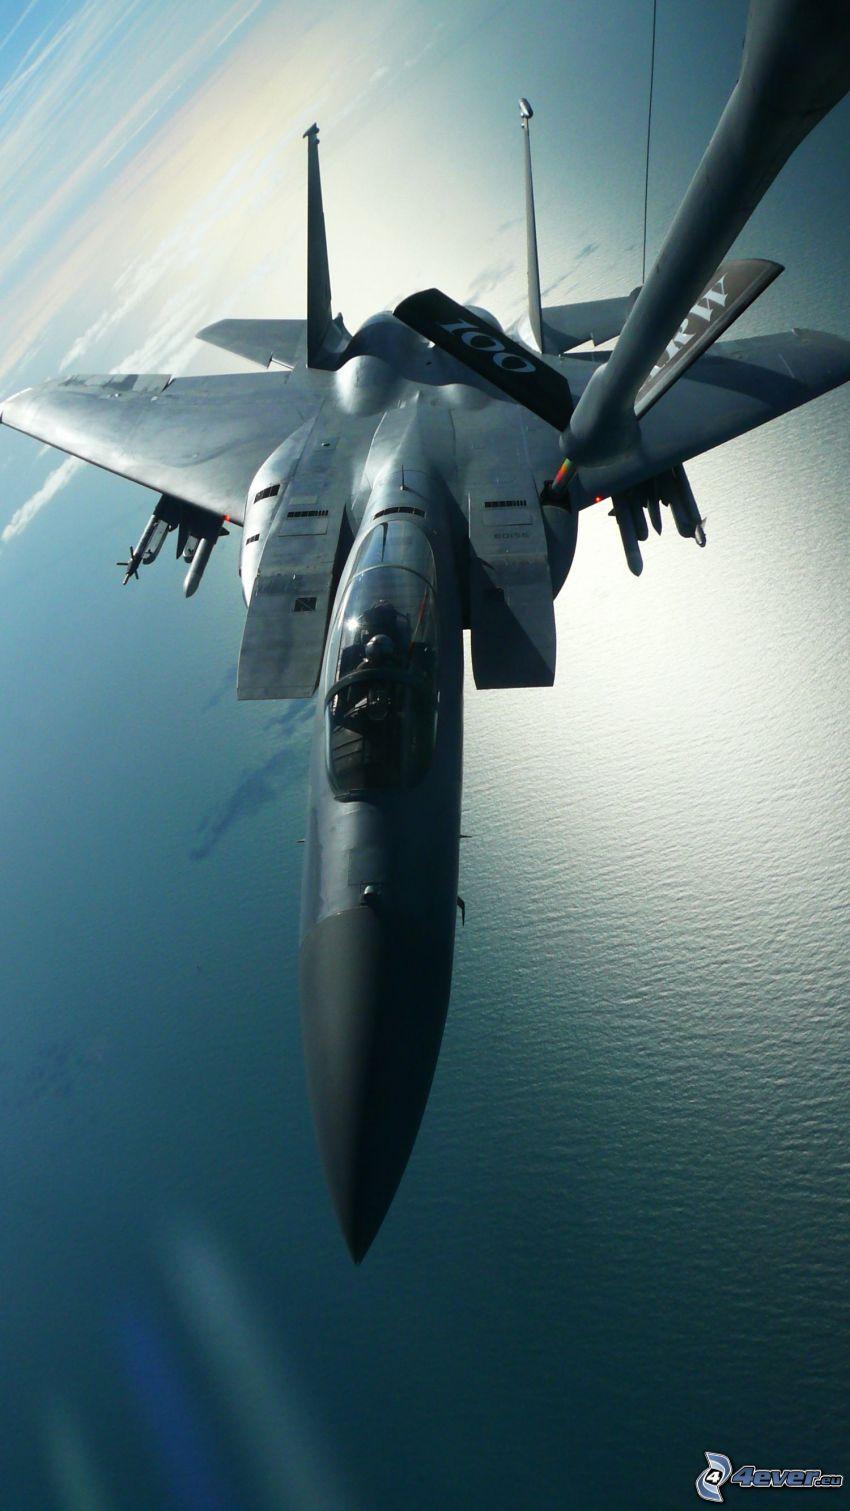 F-15 Eagle, reabastecimiento en vuelo